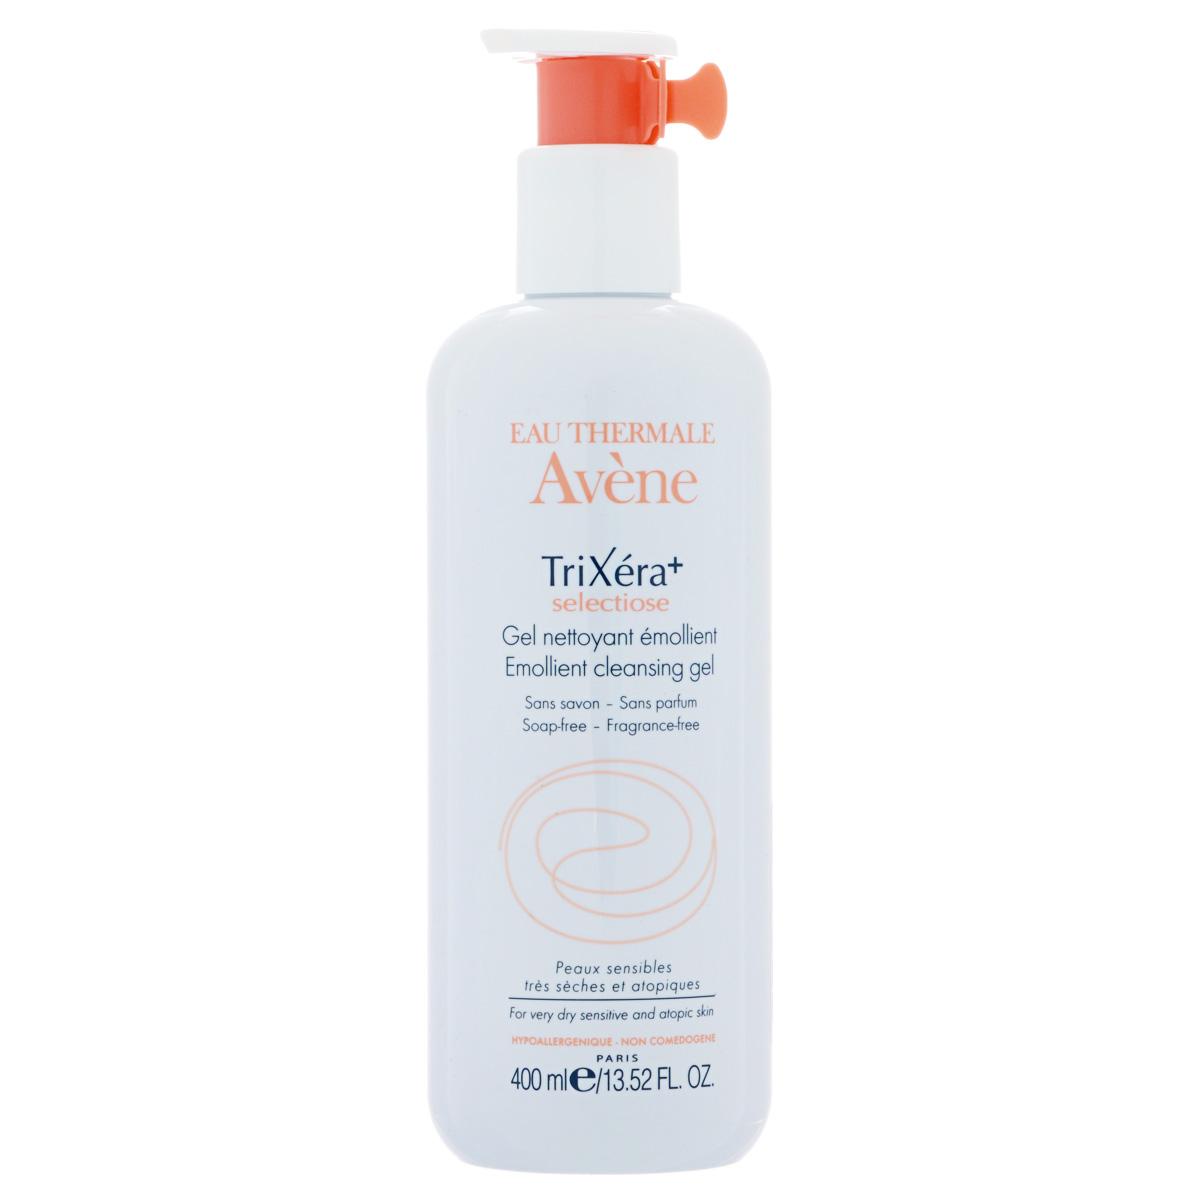 Avene Очищающий гель TriXera+Selectiose для лица и тела 400 млC17862Мягко очищает и смягчает кожу, способствует восстановлению защитного барьера кожи, нейтрализует раздражающее и пересушивающее действие водопроводной воды.